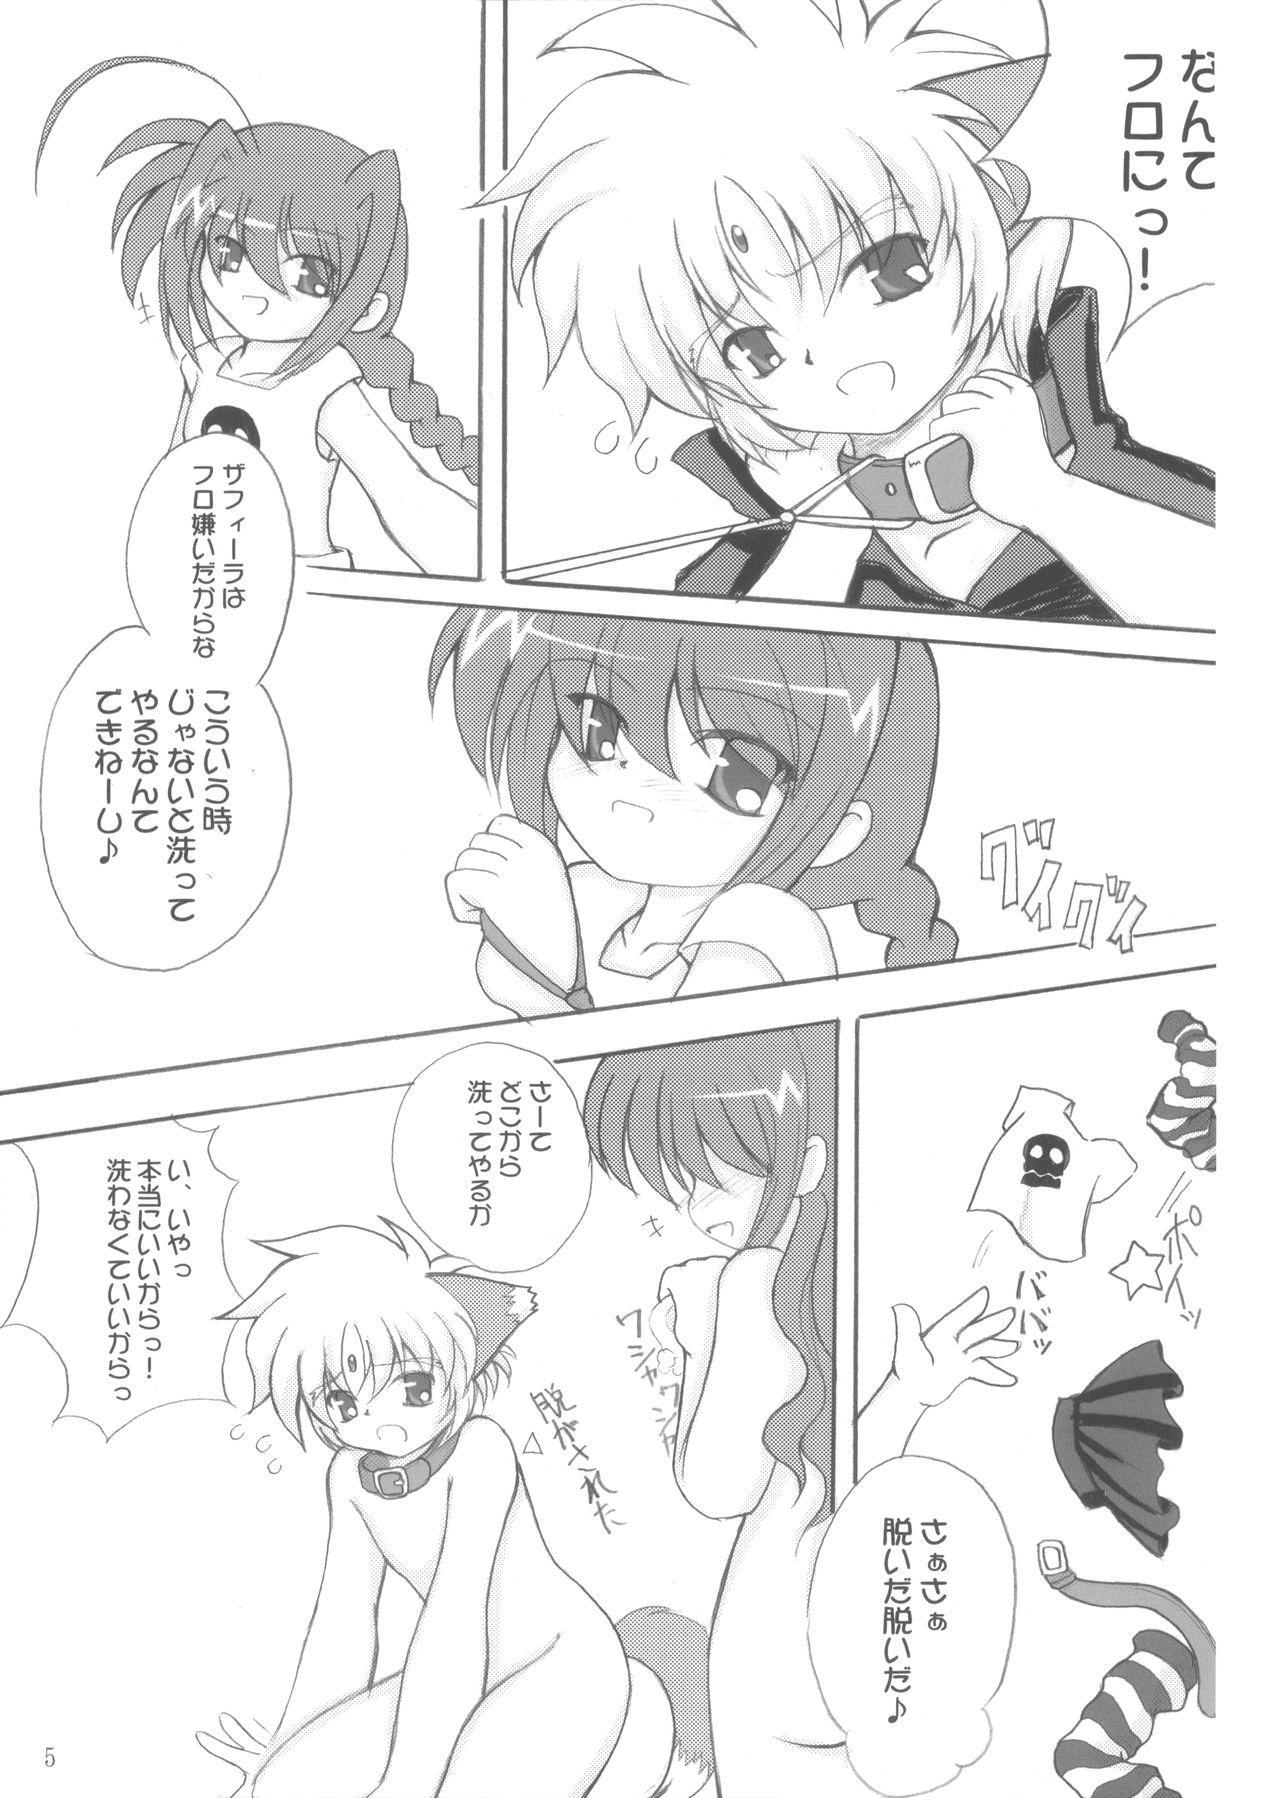 Koinuza no Kyousoukyoku 4